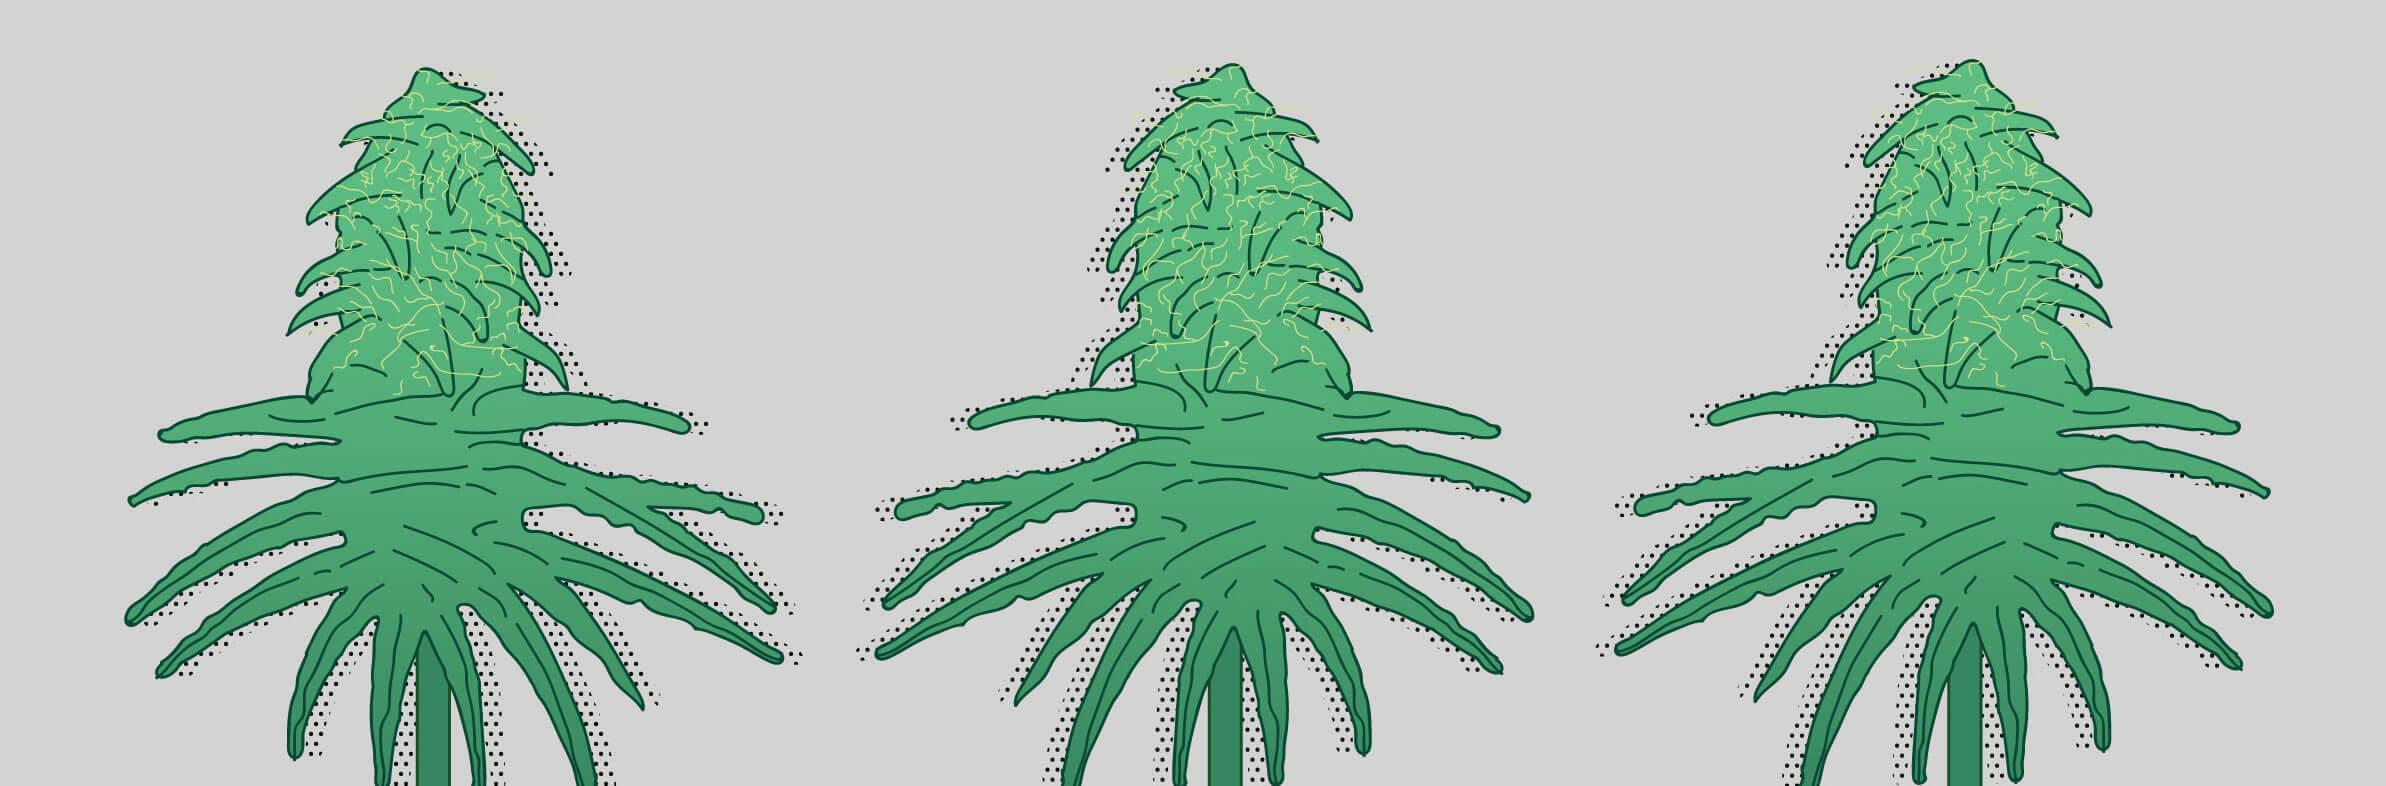 Blütezeit von Cannabis